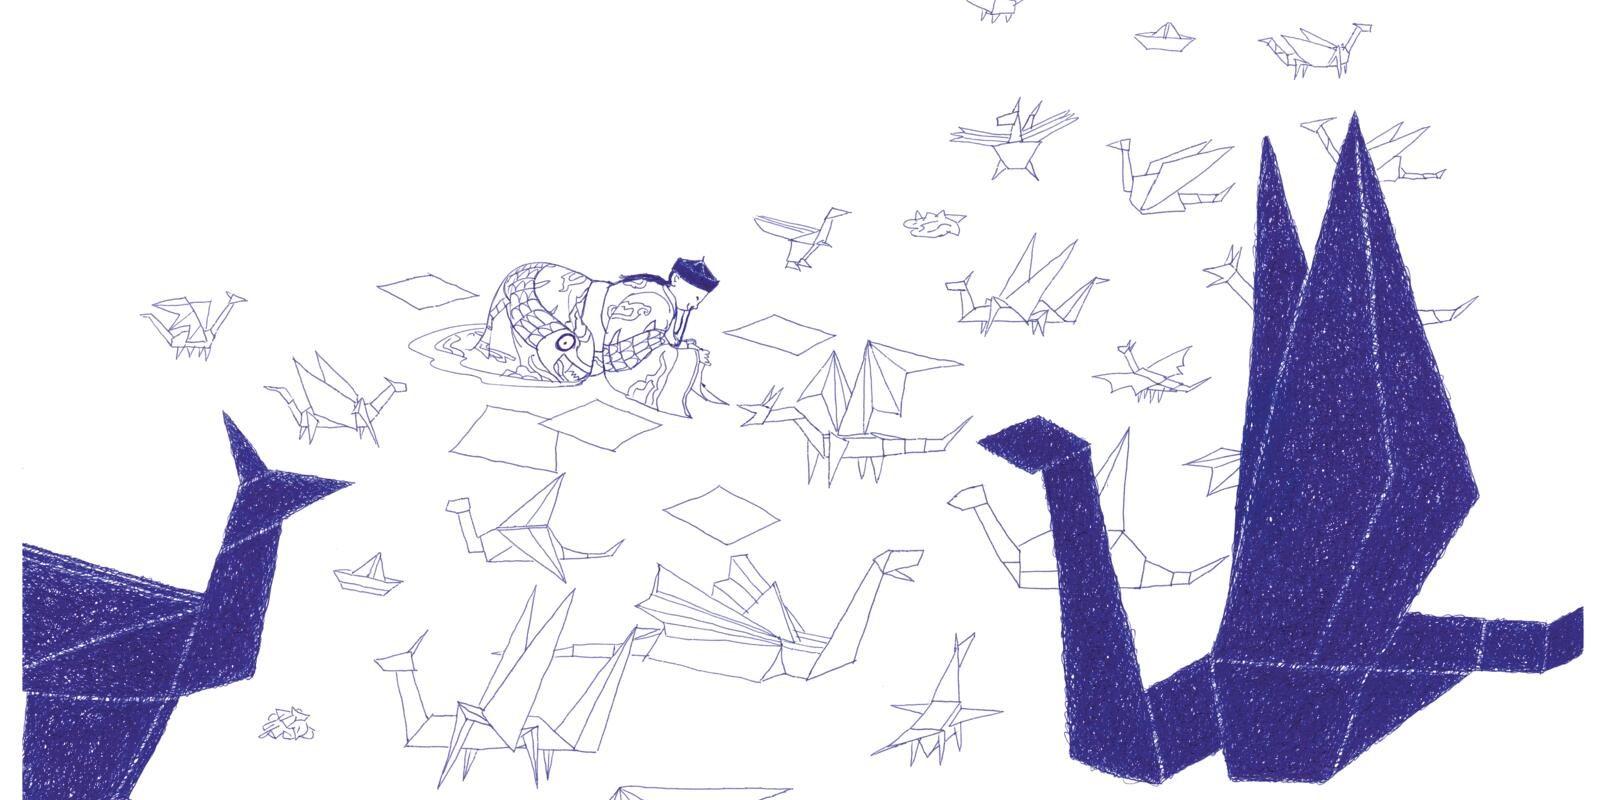 De dag waarop de draak verdween - Annemarie van Haeringen